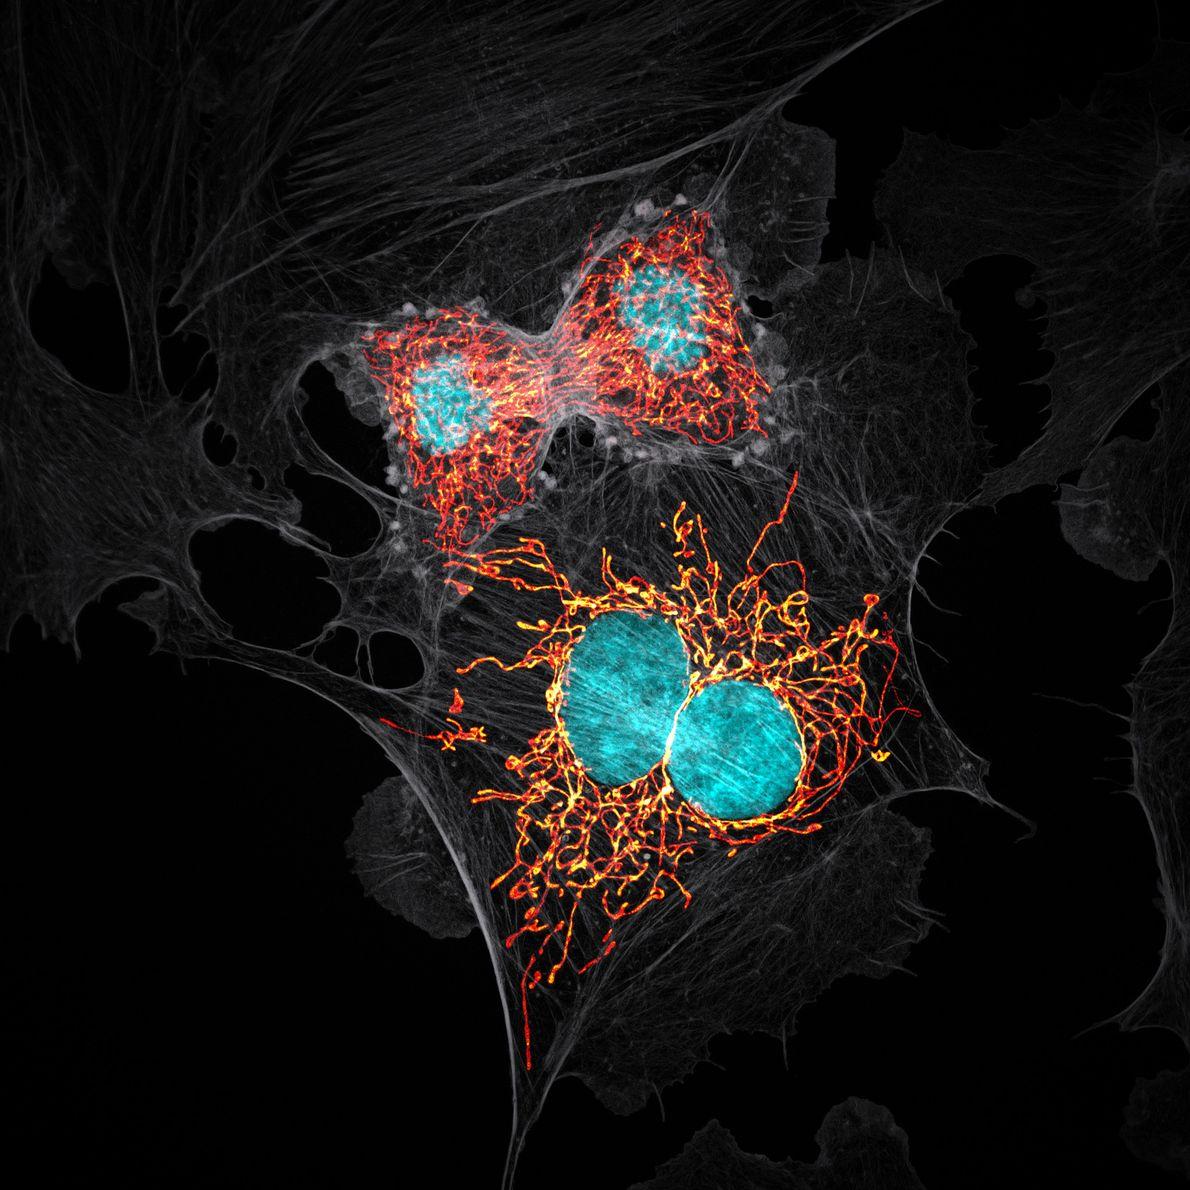 Em 1979, os investigadores criaram células em laboratório extraídas da artéria pulmonar de uma vaca, produzindo ...